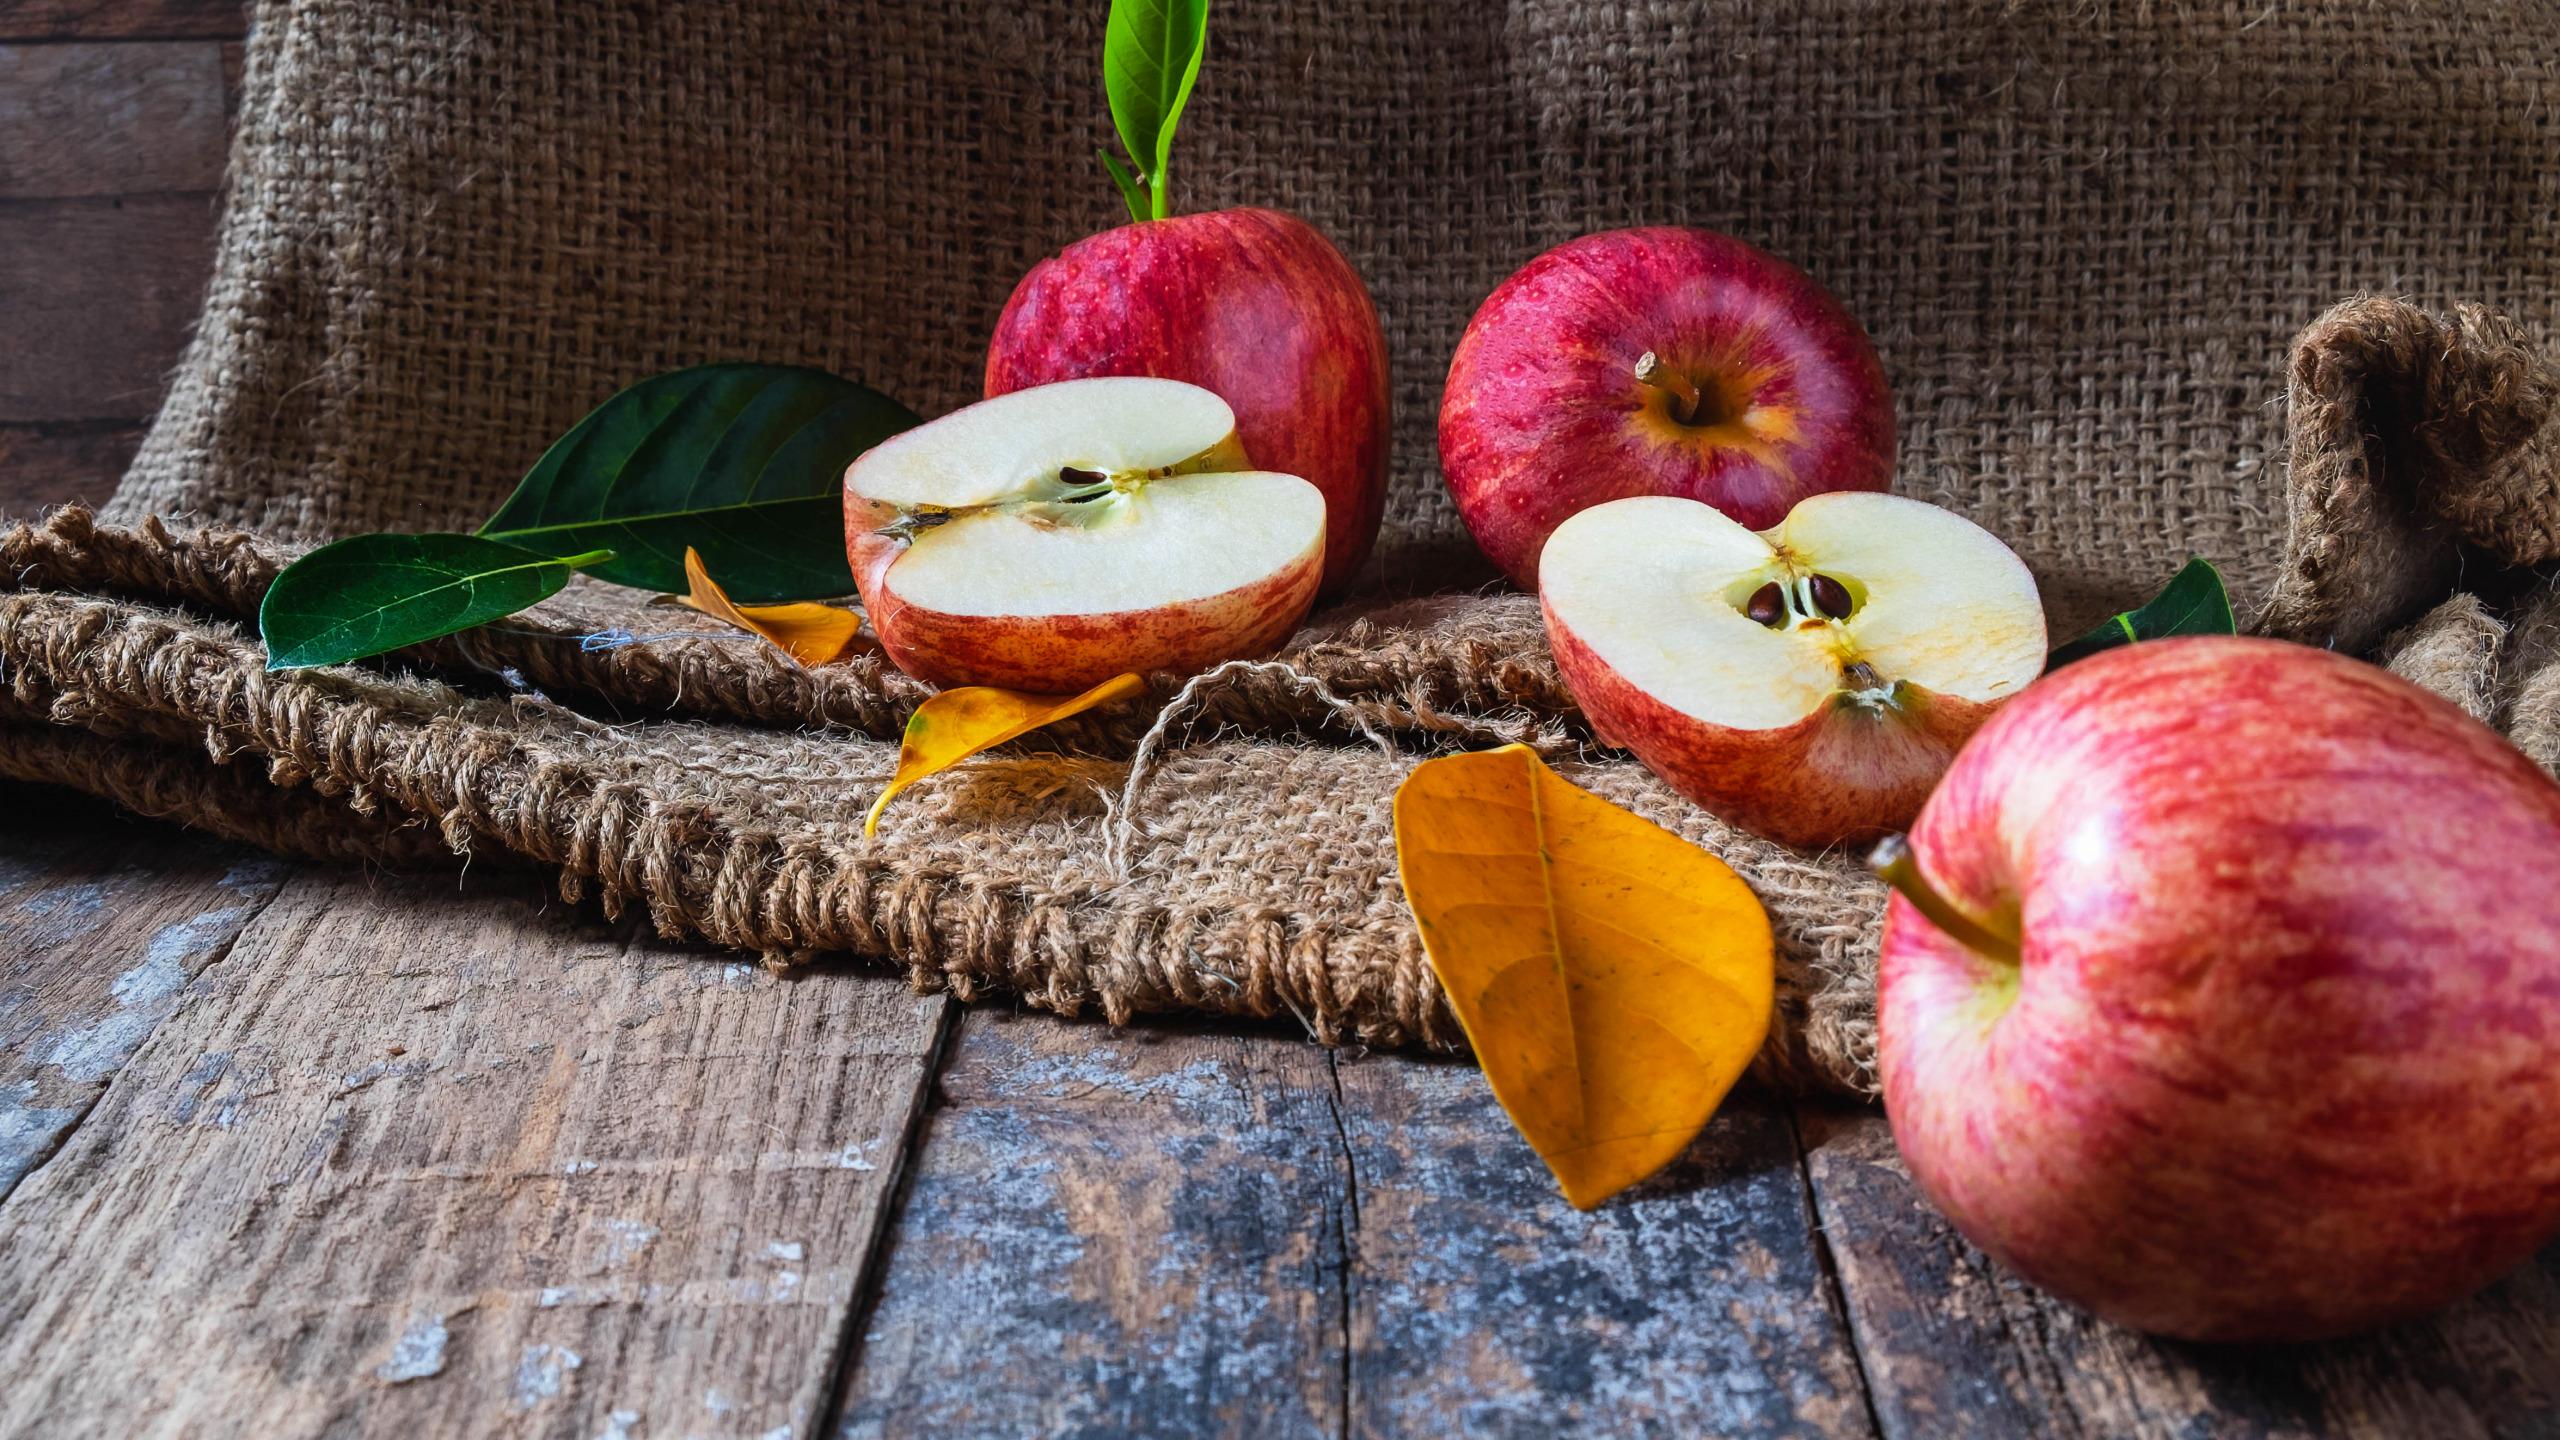 красивые картинки фрукты осень удача в основном они